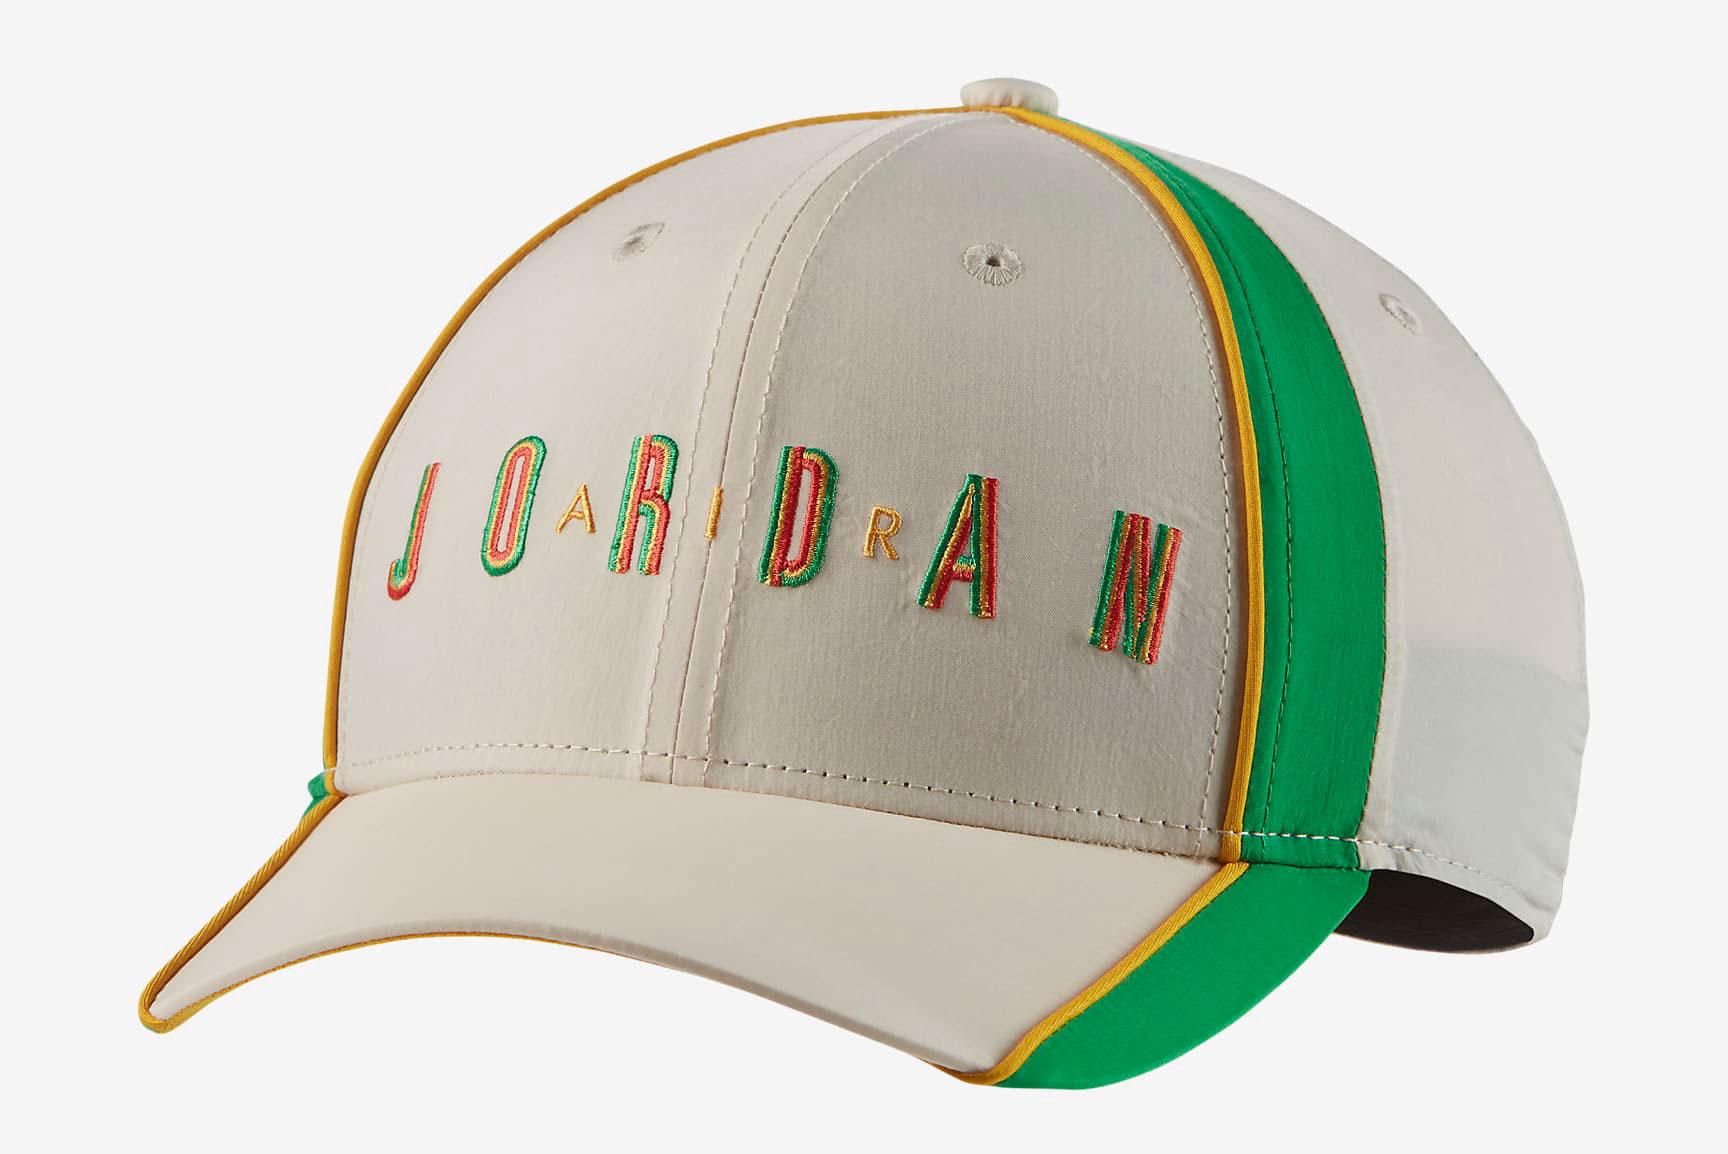 jordan-13-lucky-green-hat-1